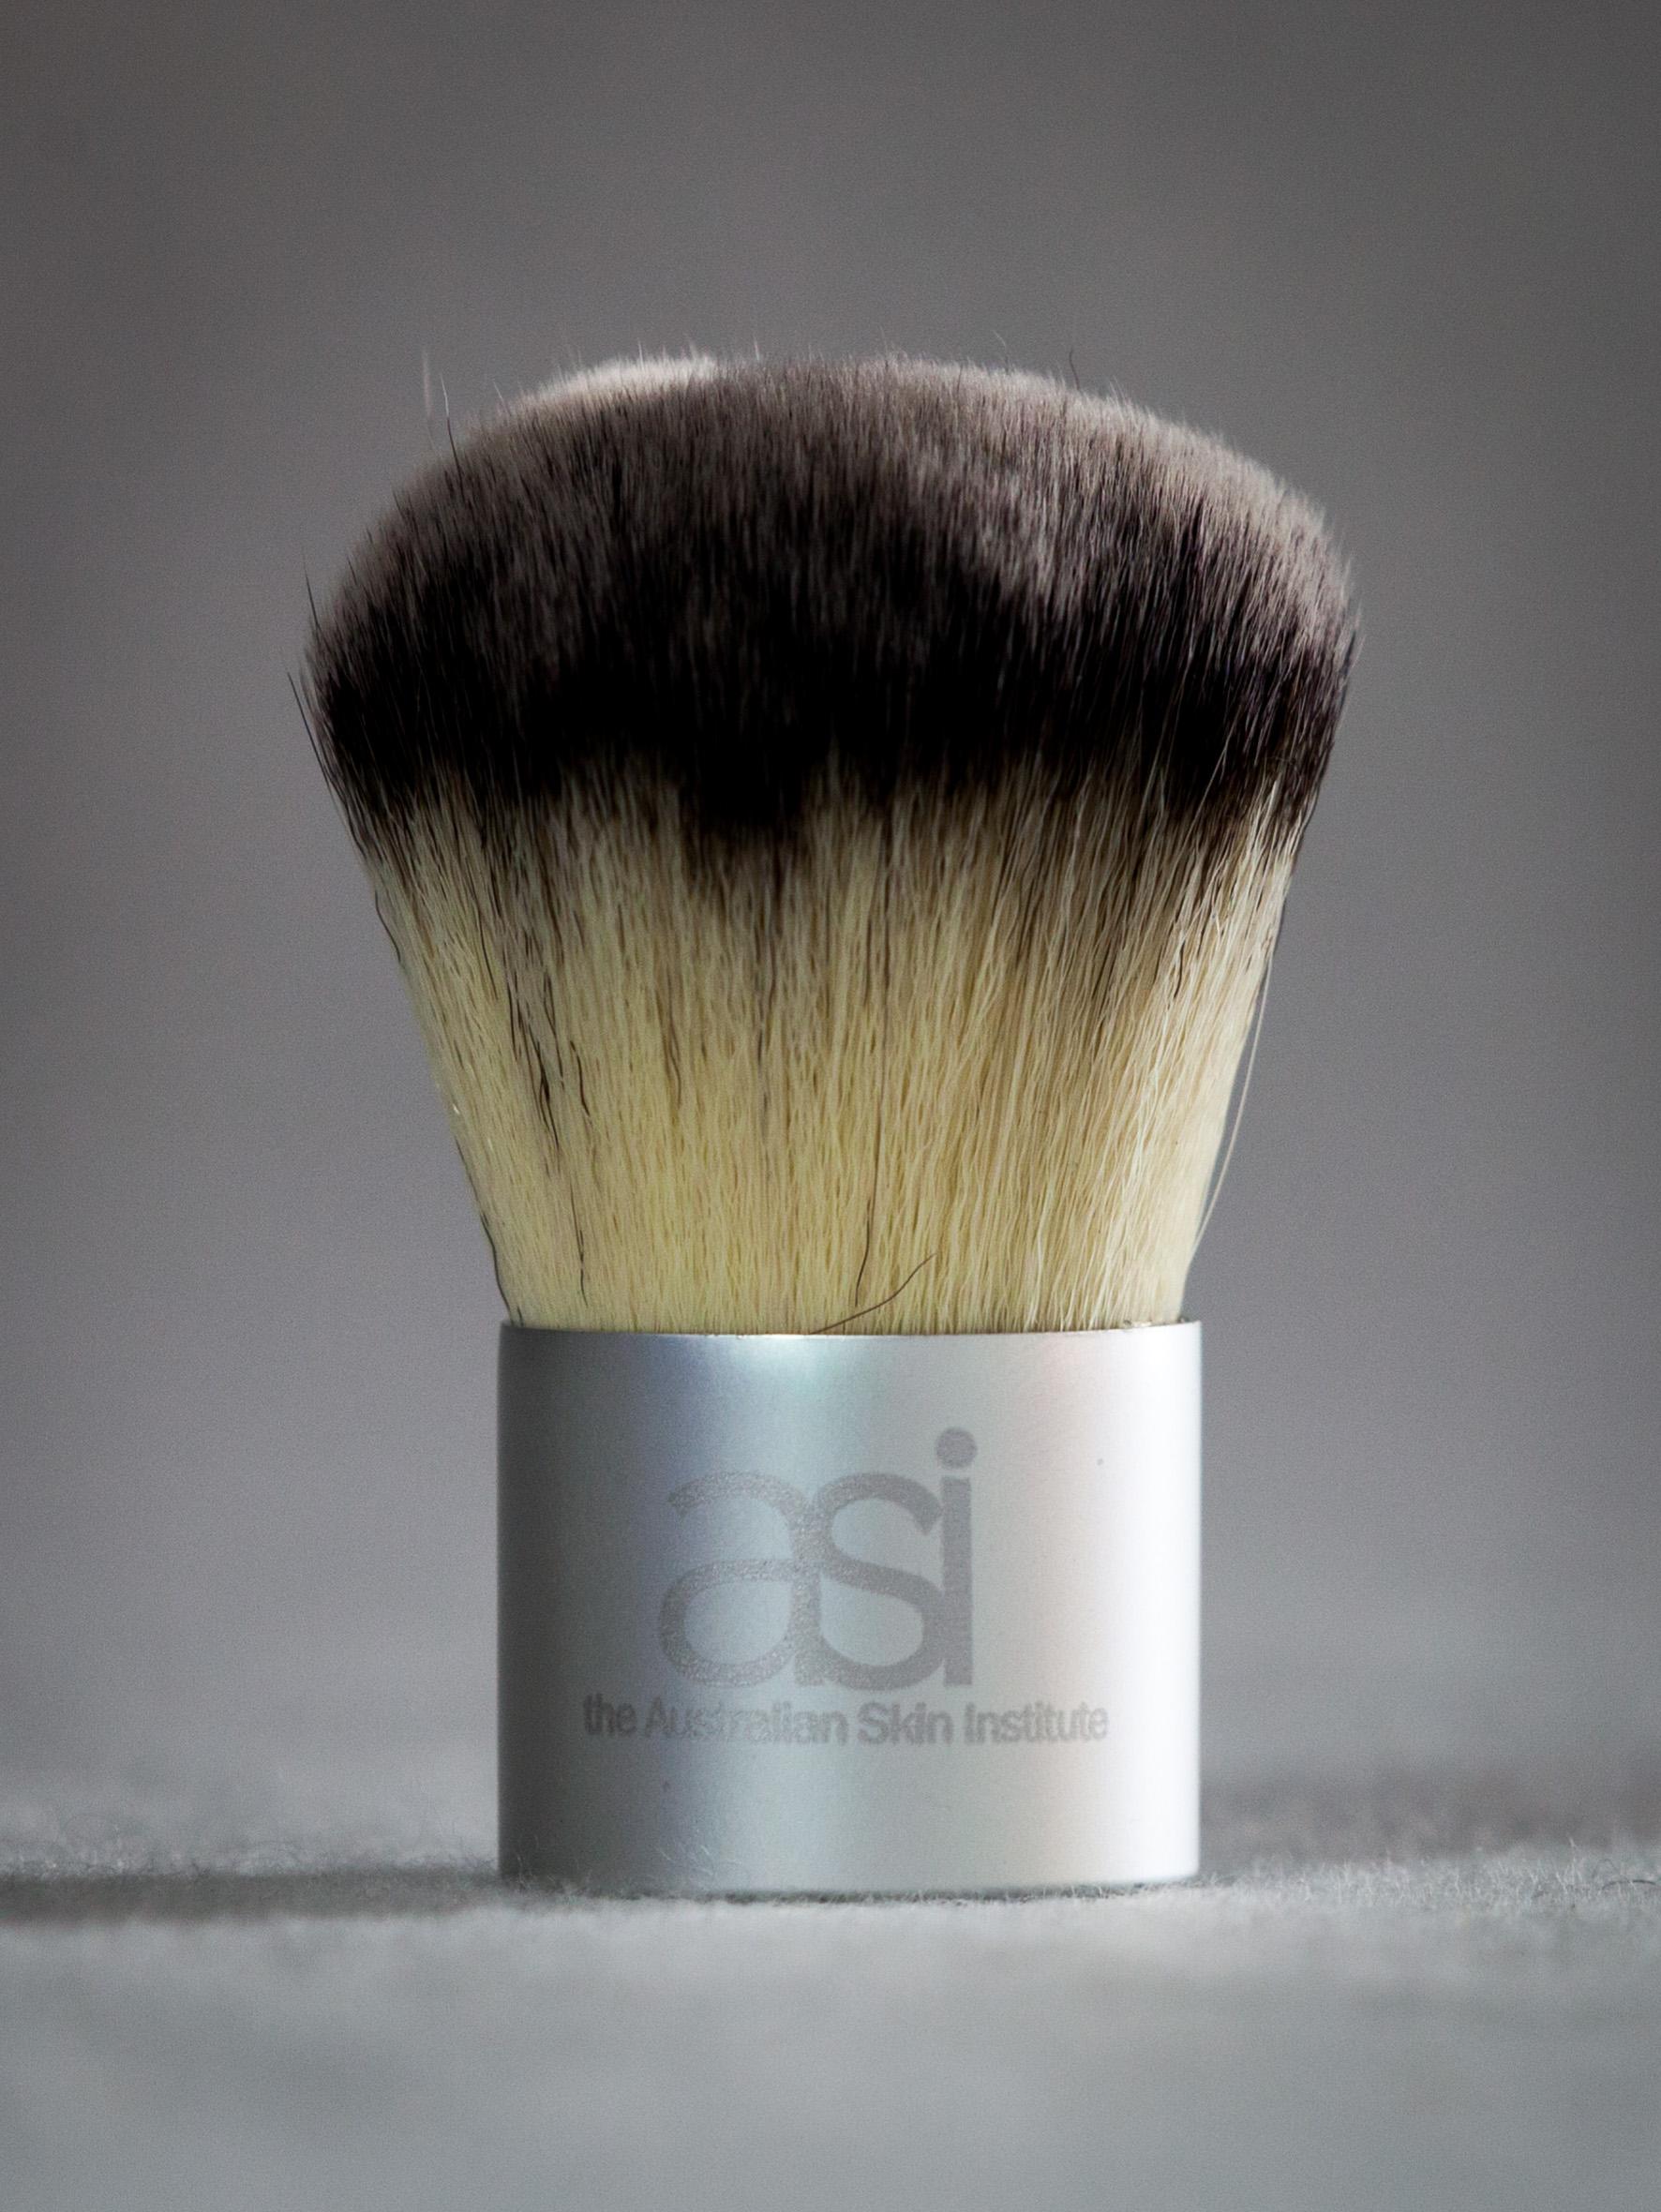 ASI Natural Kabuki Makeup Brush